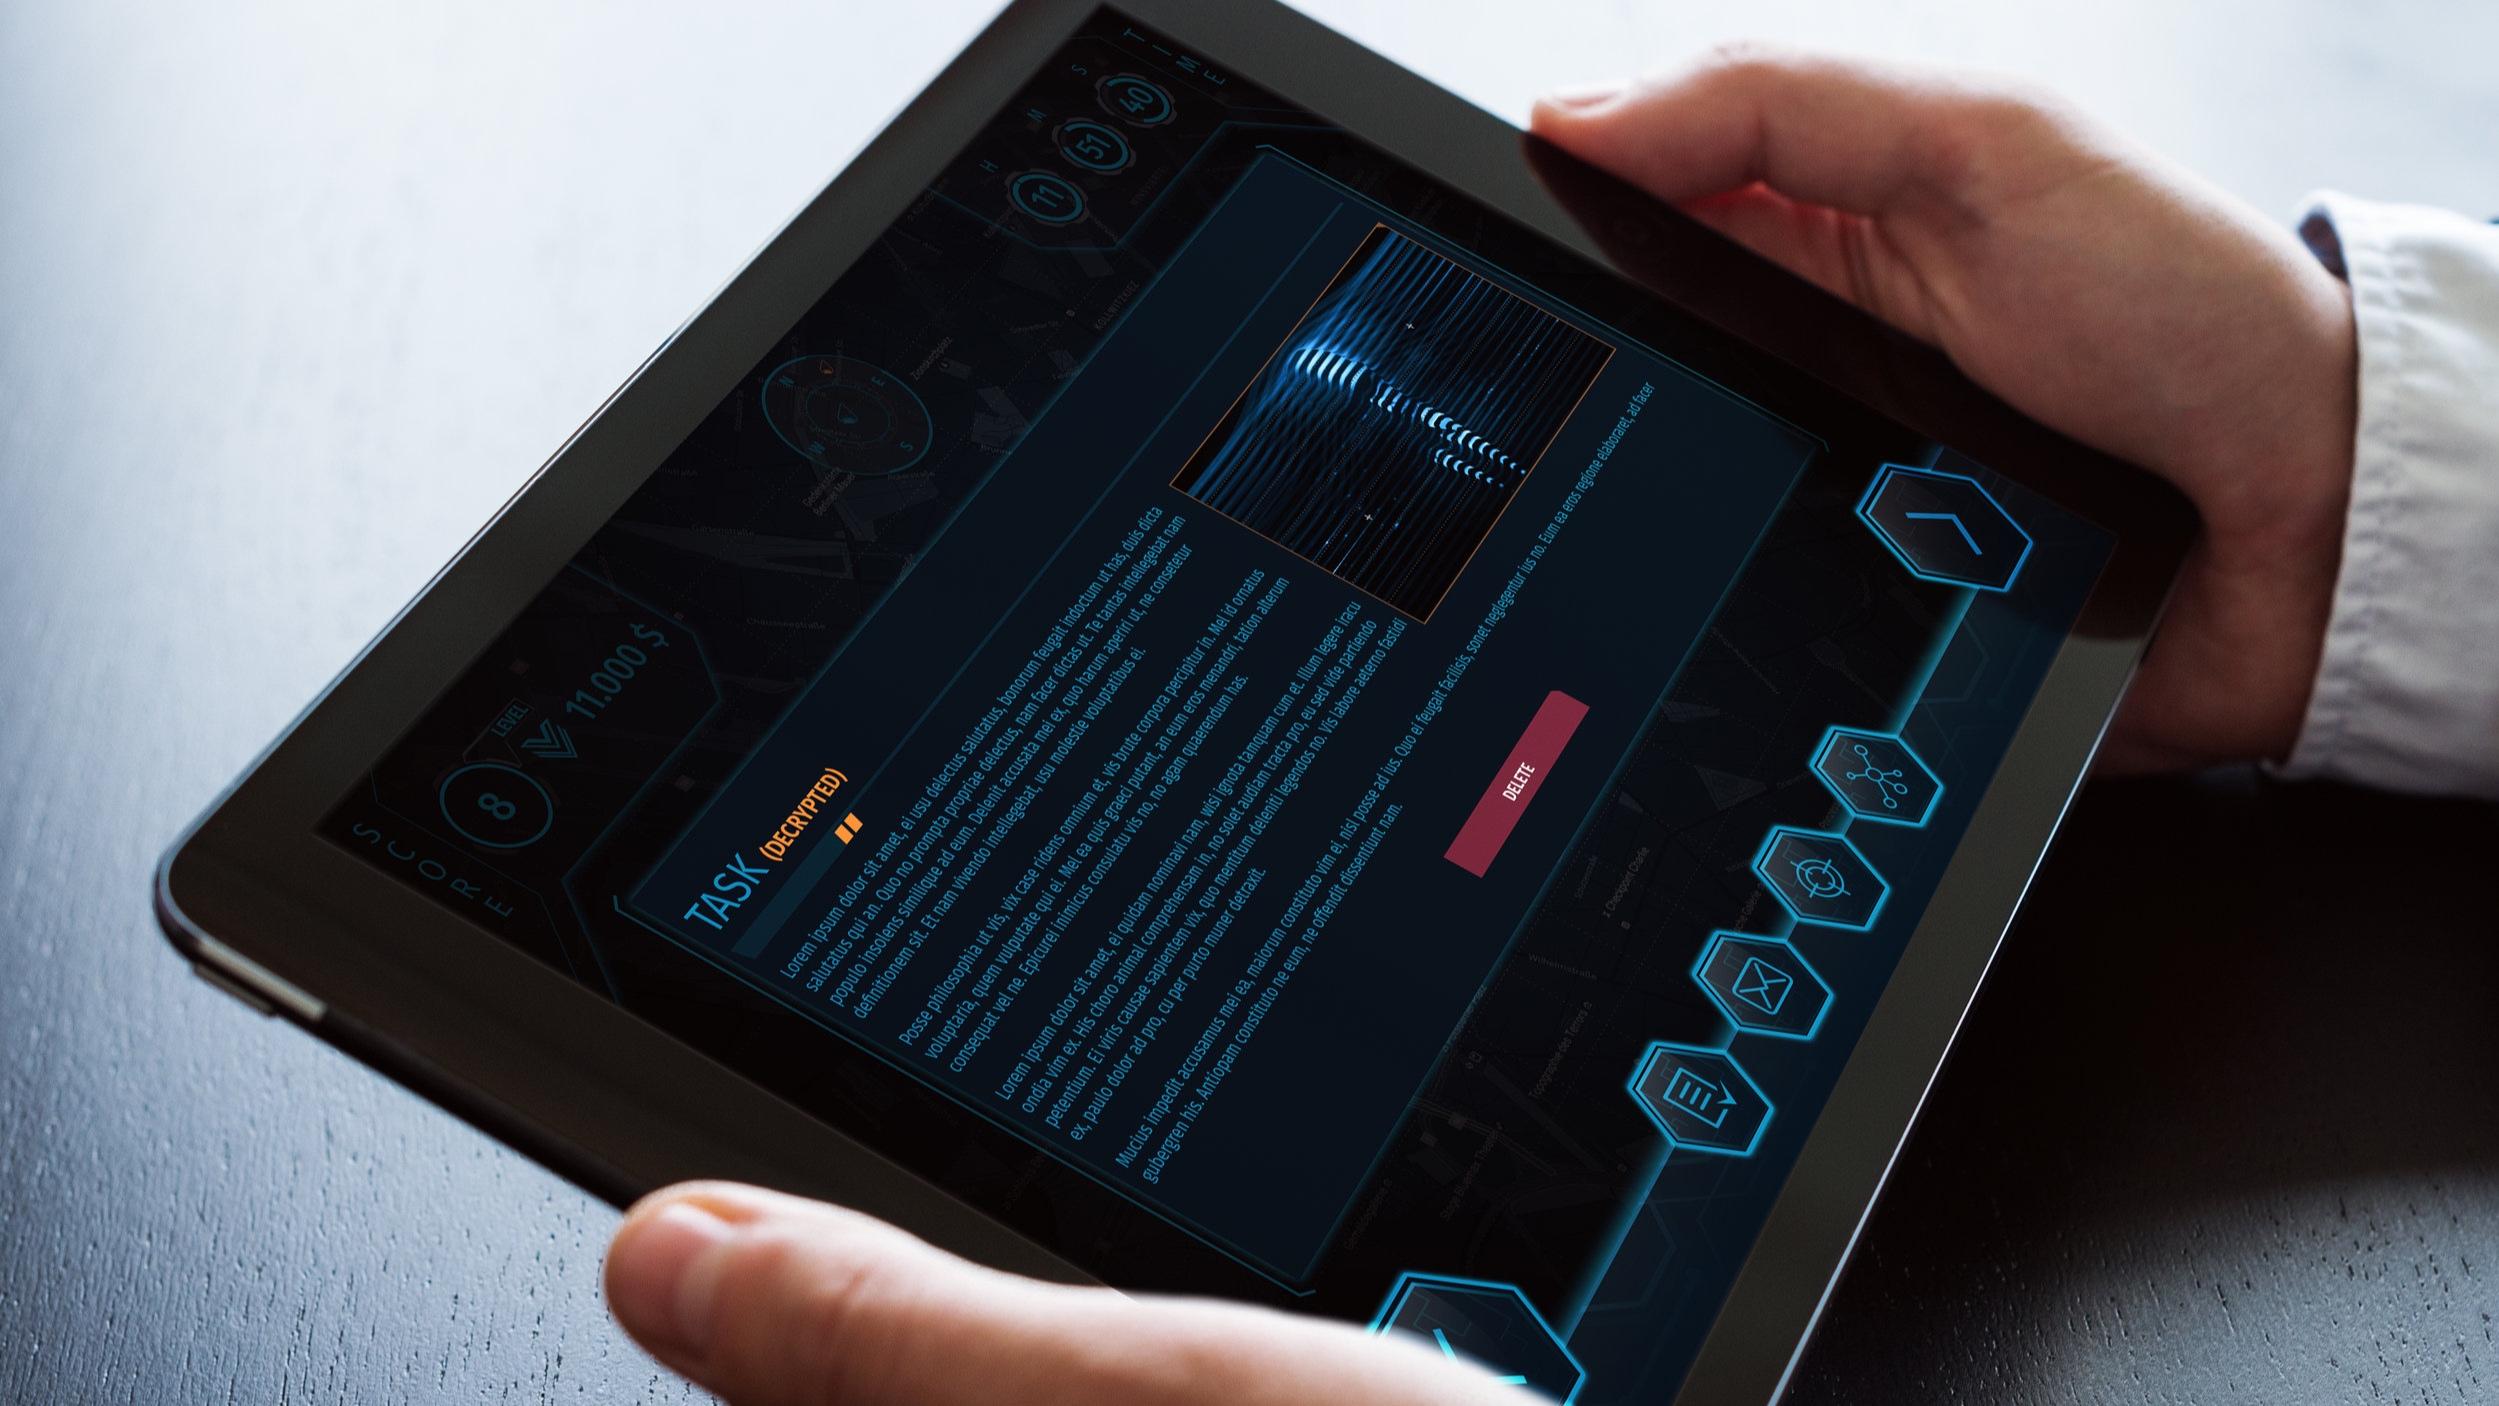 iPad UI 2.jpg